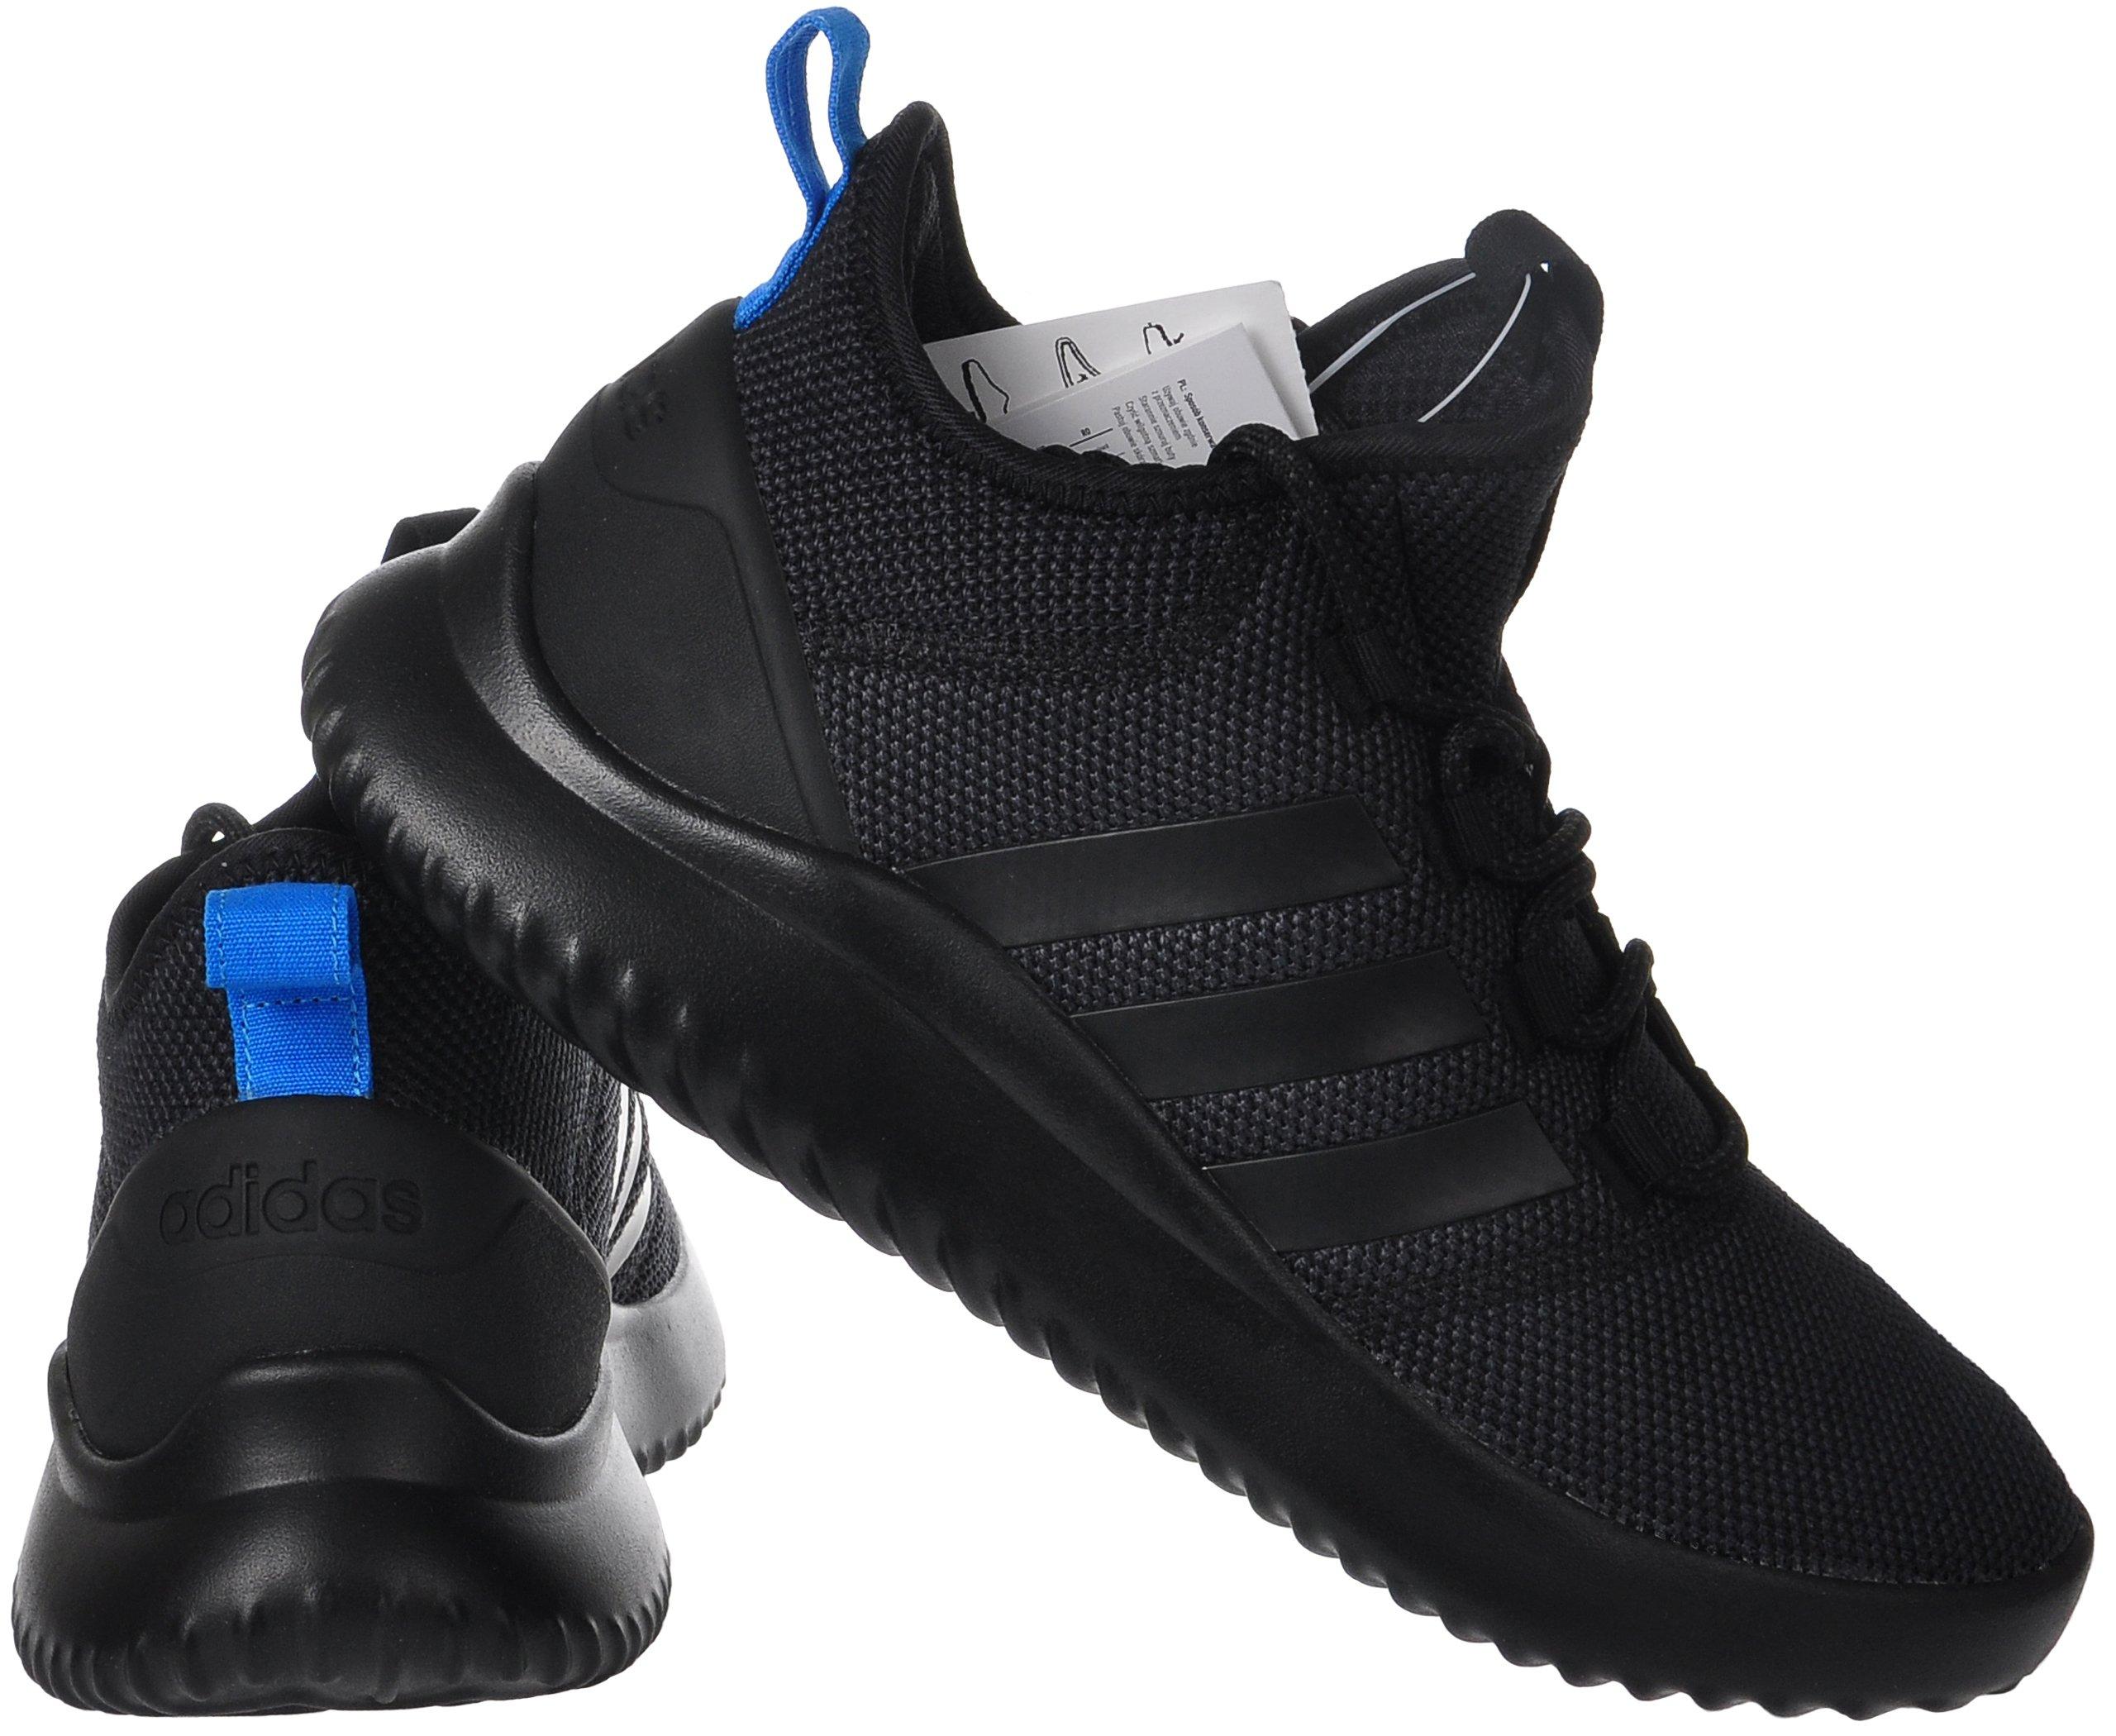 Adidas, Buty męskie, Cloudfoam ultimate, rozmiar 46